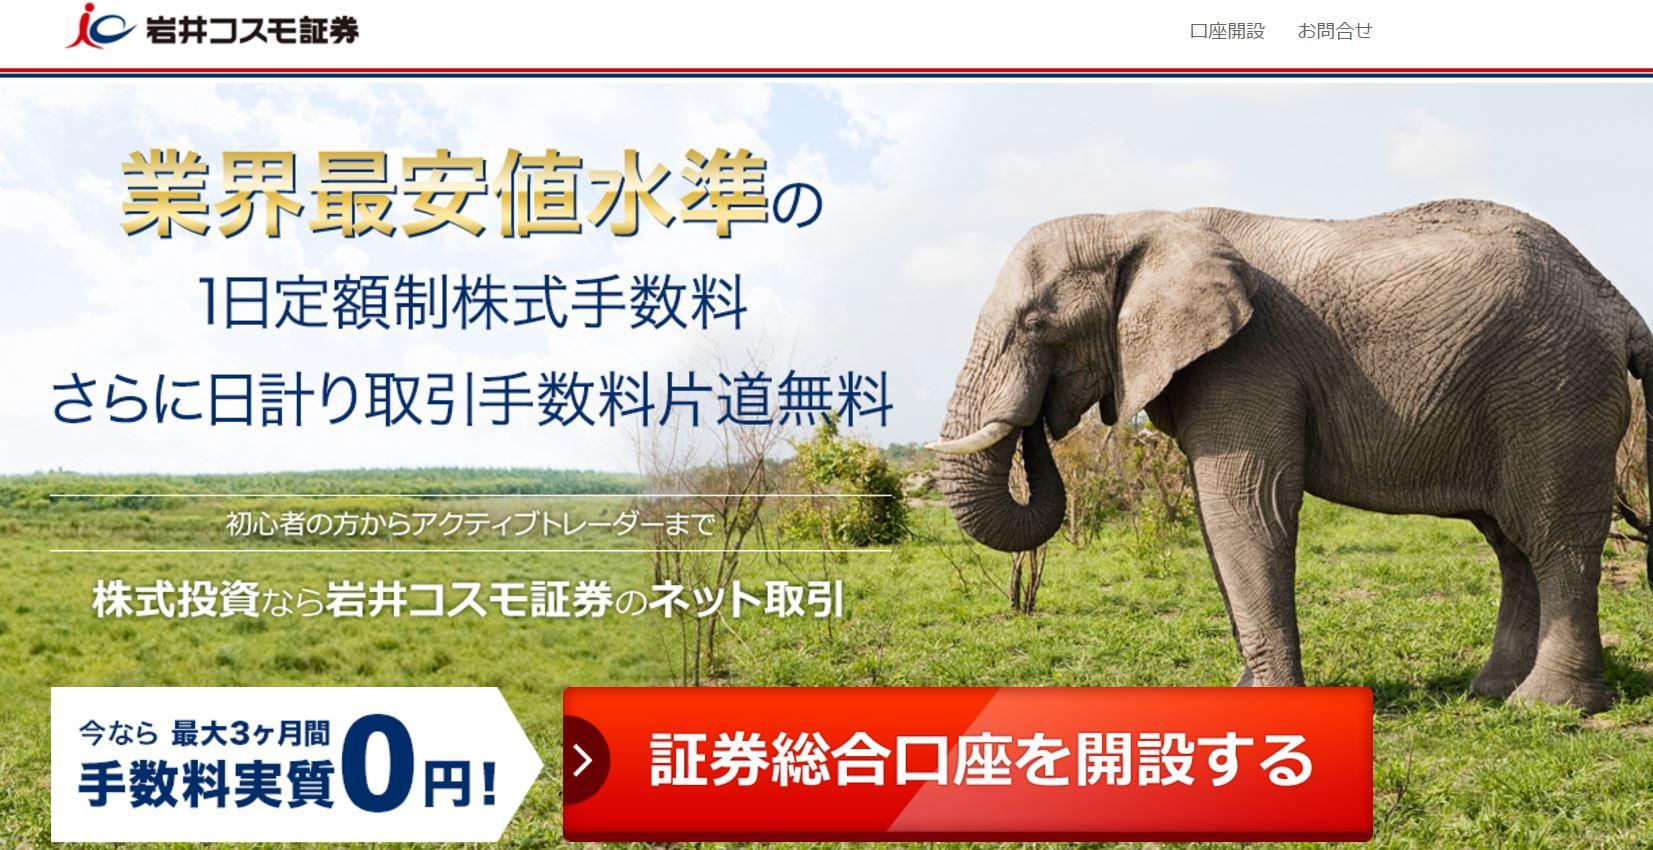 岩井コスモ証券のIPO口座はライバルが少なく狙い目の証券会社か?